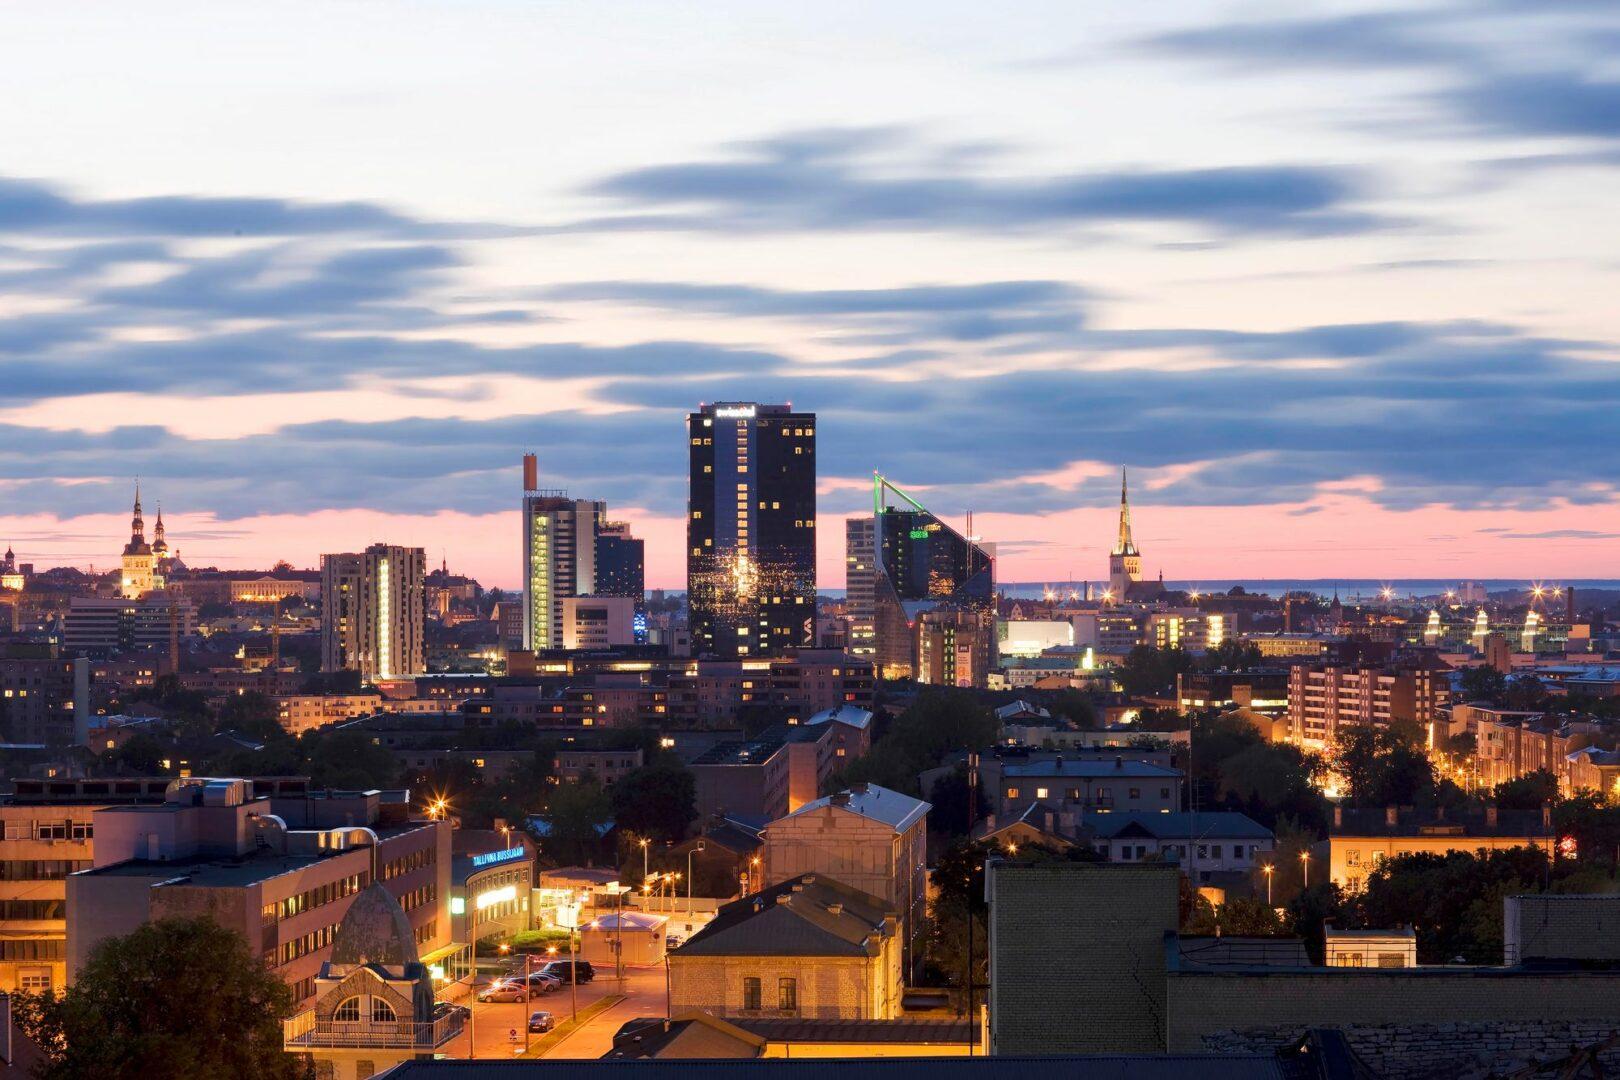 Tallinnan kaupunkikuva muuttuu jatkuvasti, mutta ei niin hurjaan tahtiin kuin uuden itsenäisyyden alkuvuosina 1990-luvulla. Nyt ymmärretään paremmin myös entisöinnin ja restauroinnin arvo. © Visit Estonia